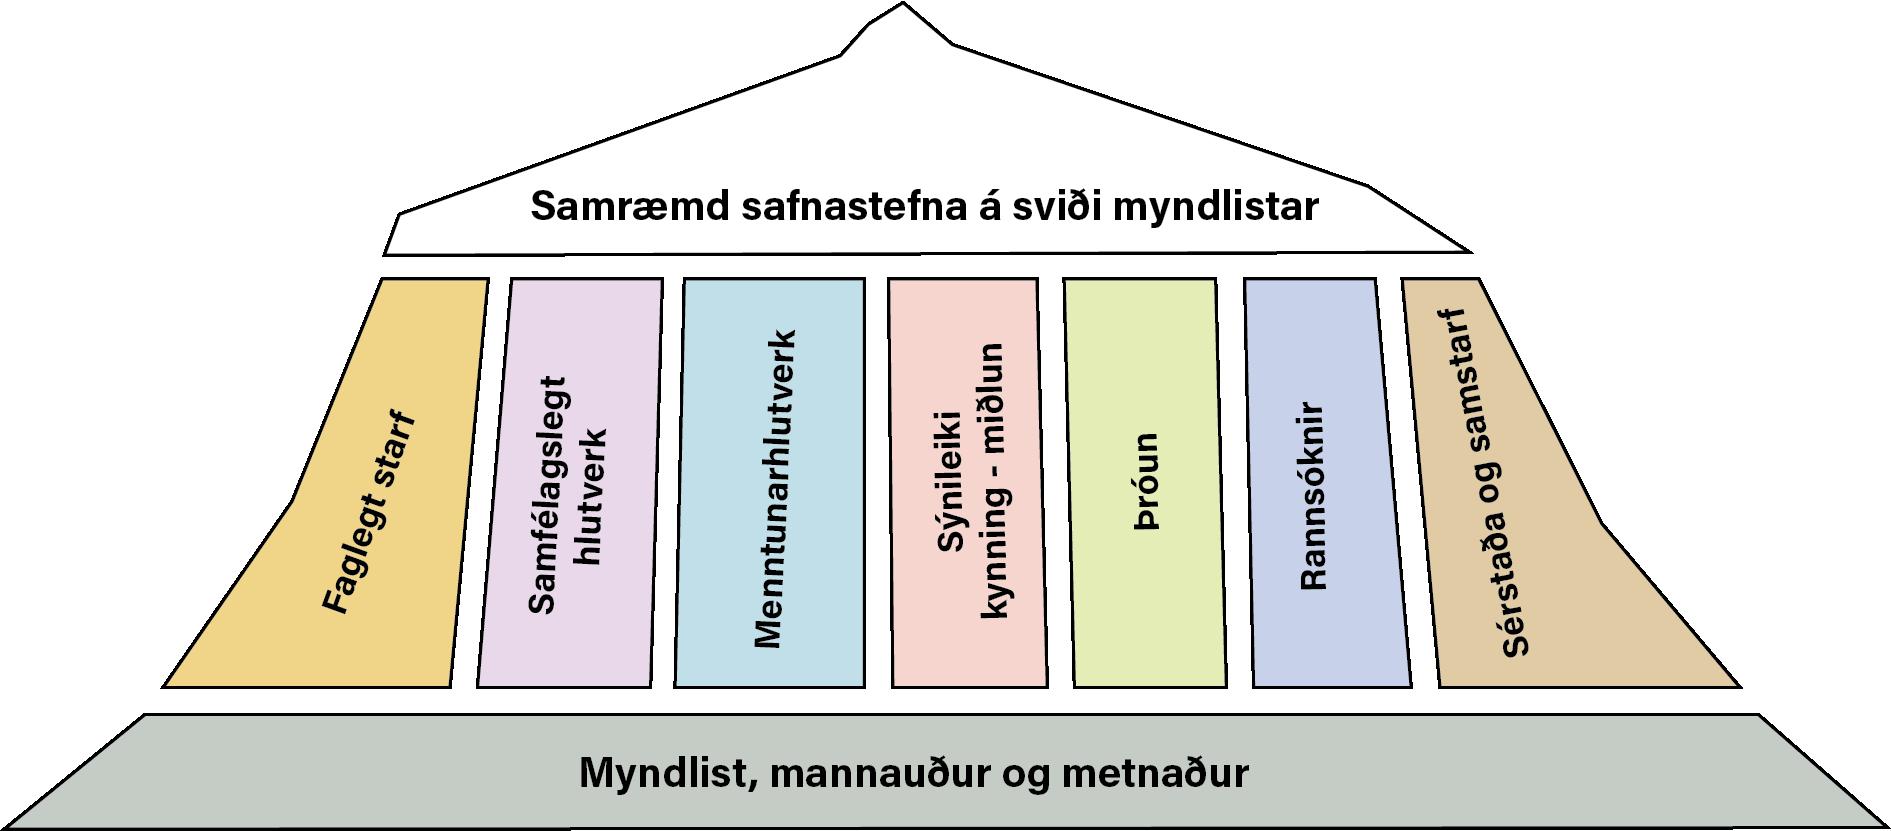 Yfirlitsmynd sem sýnir markmið samræmdrar safnastefnu sem stólpa og grunninn sem hún byggir á. Markmiðin eru sjö: faglegt starf, samfélagslegt hlutverk, menntunarhlutverk, sýnileiki, kynning og miðlun, þróun, rannsóknir og sérstaða og samstarf. Markmiðin og stefnan byggja á eftirfarandi þremur þáttum: myndlist, mannauður og metnaður.